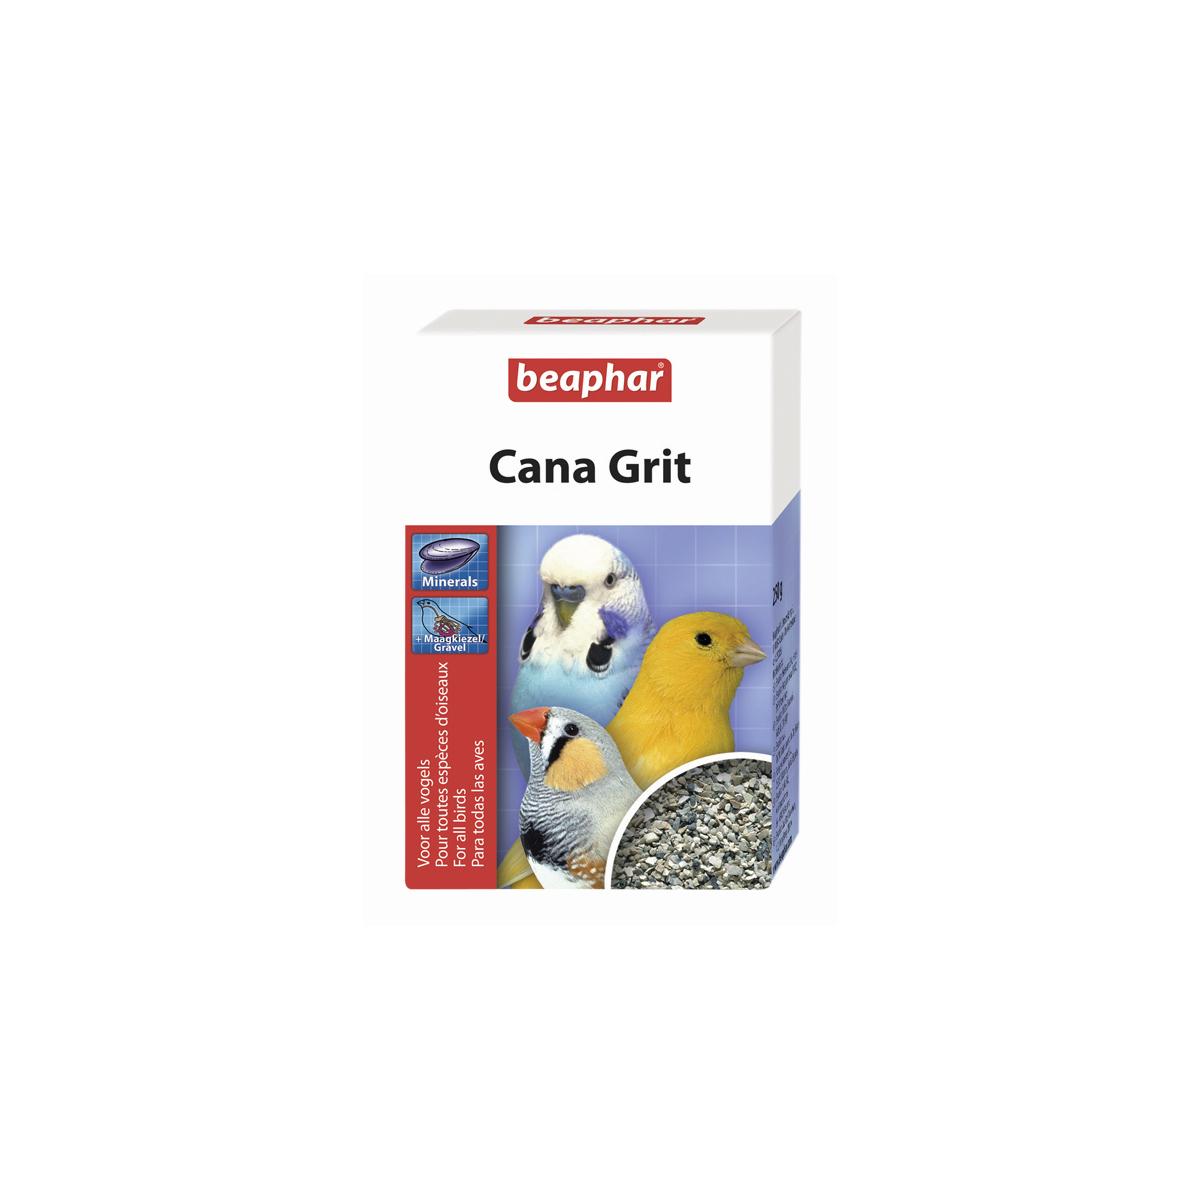 BEA CANA GRIT 250GR J 00003